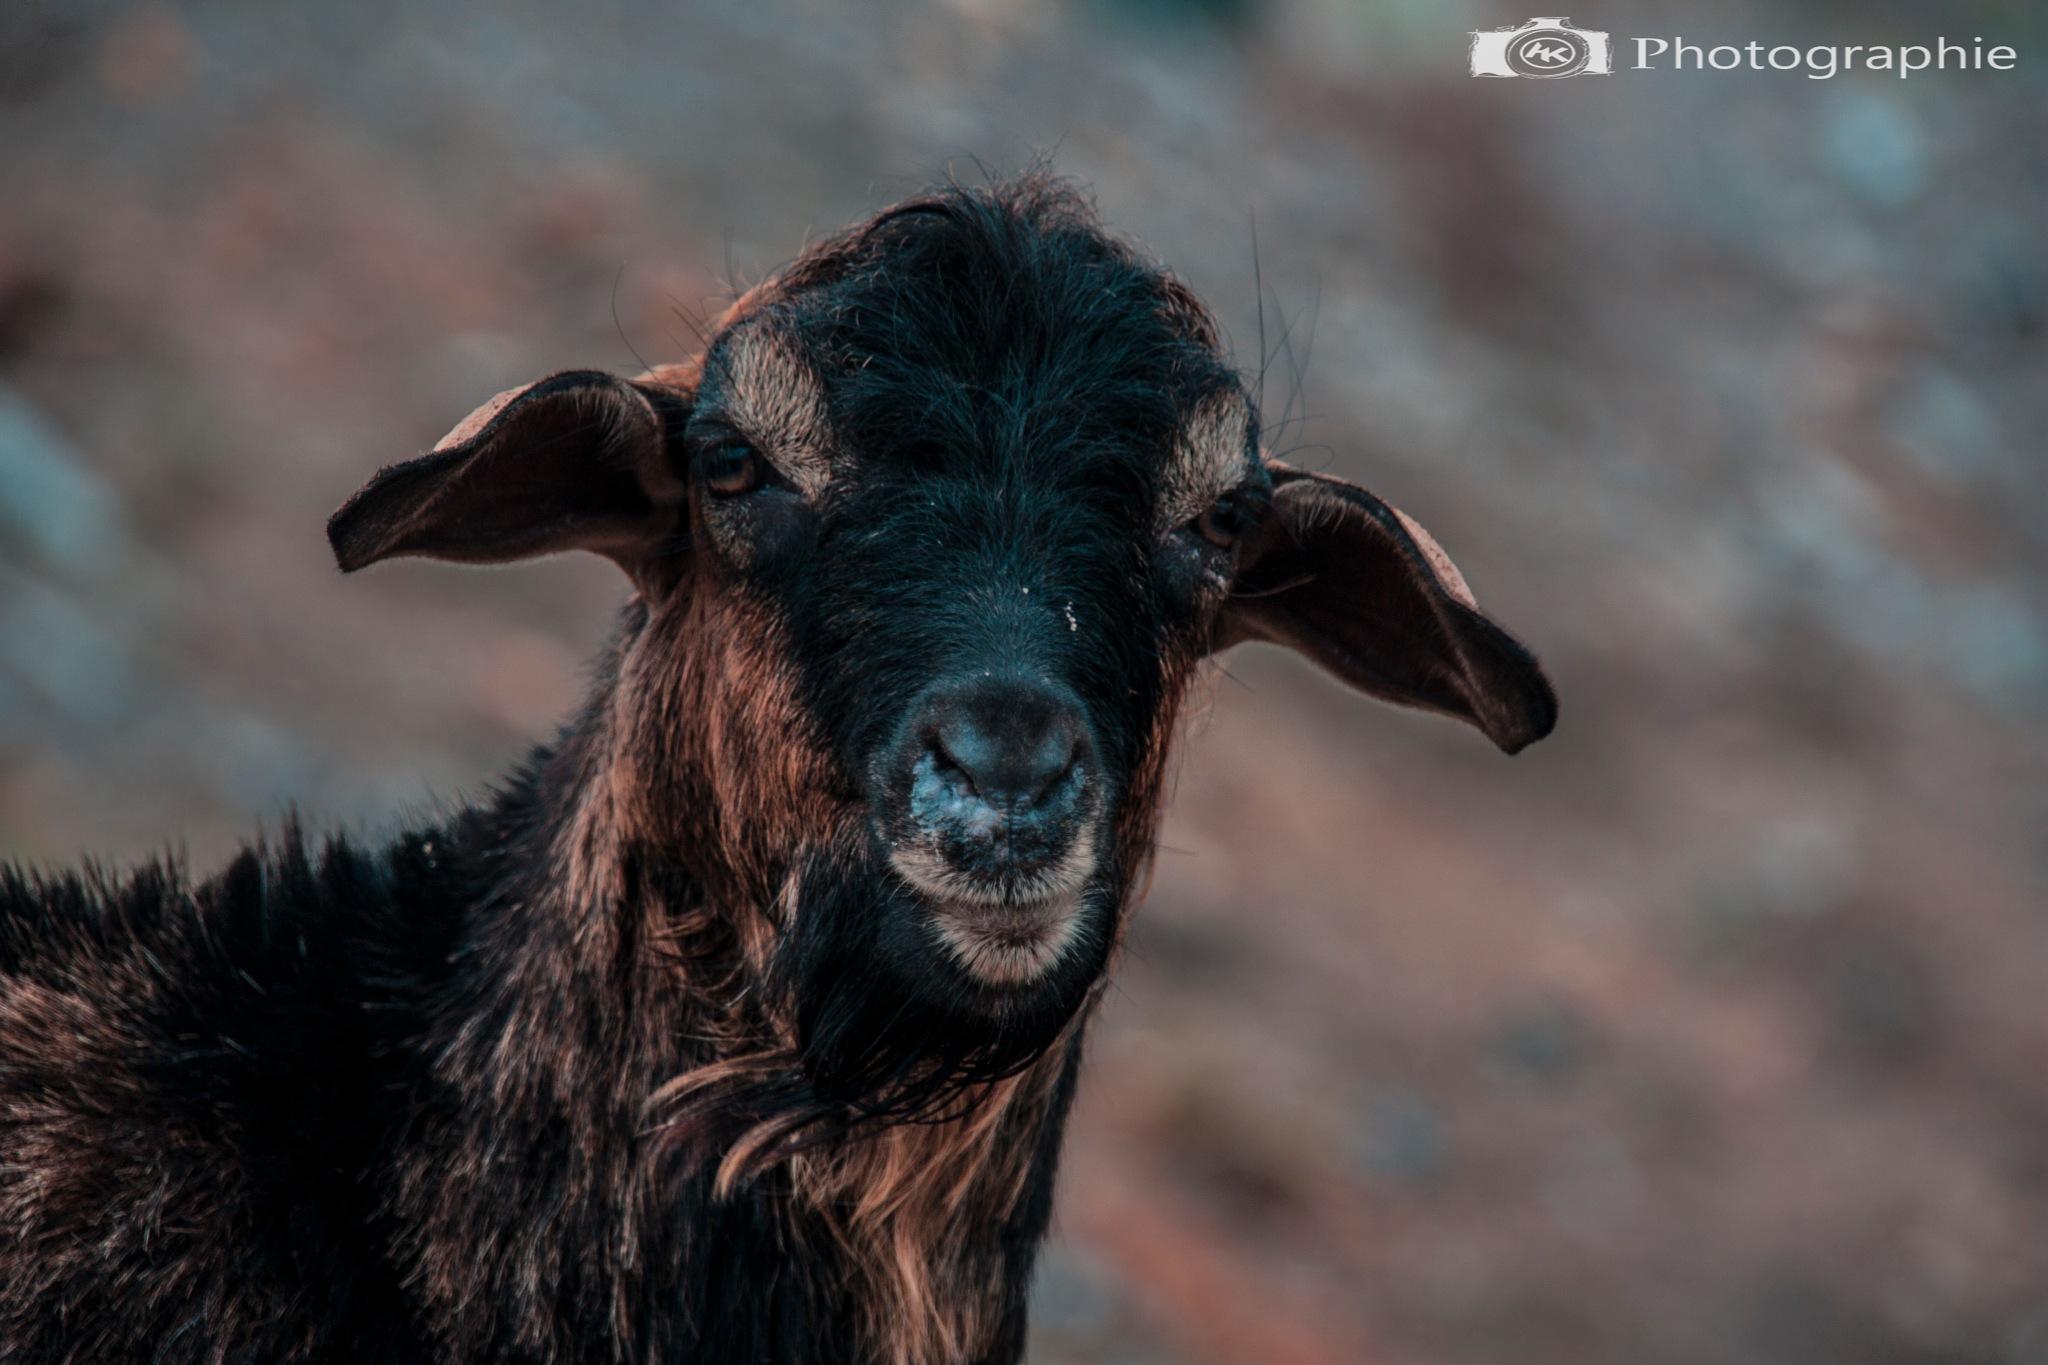 A-K photographe  by Abdel Kader